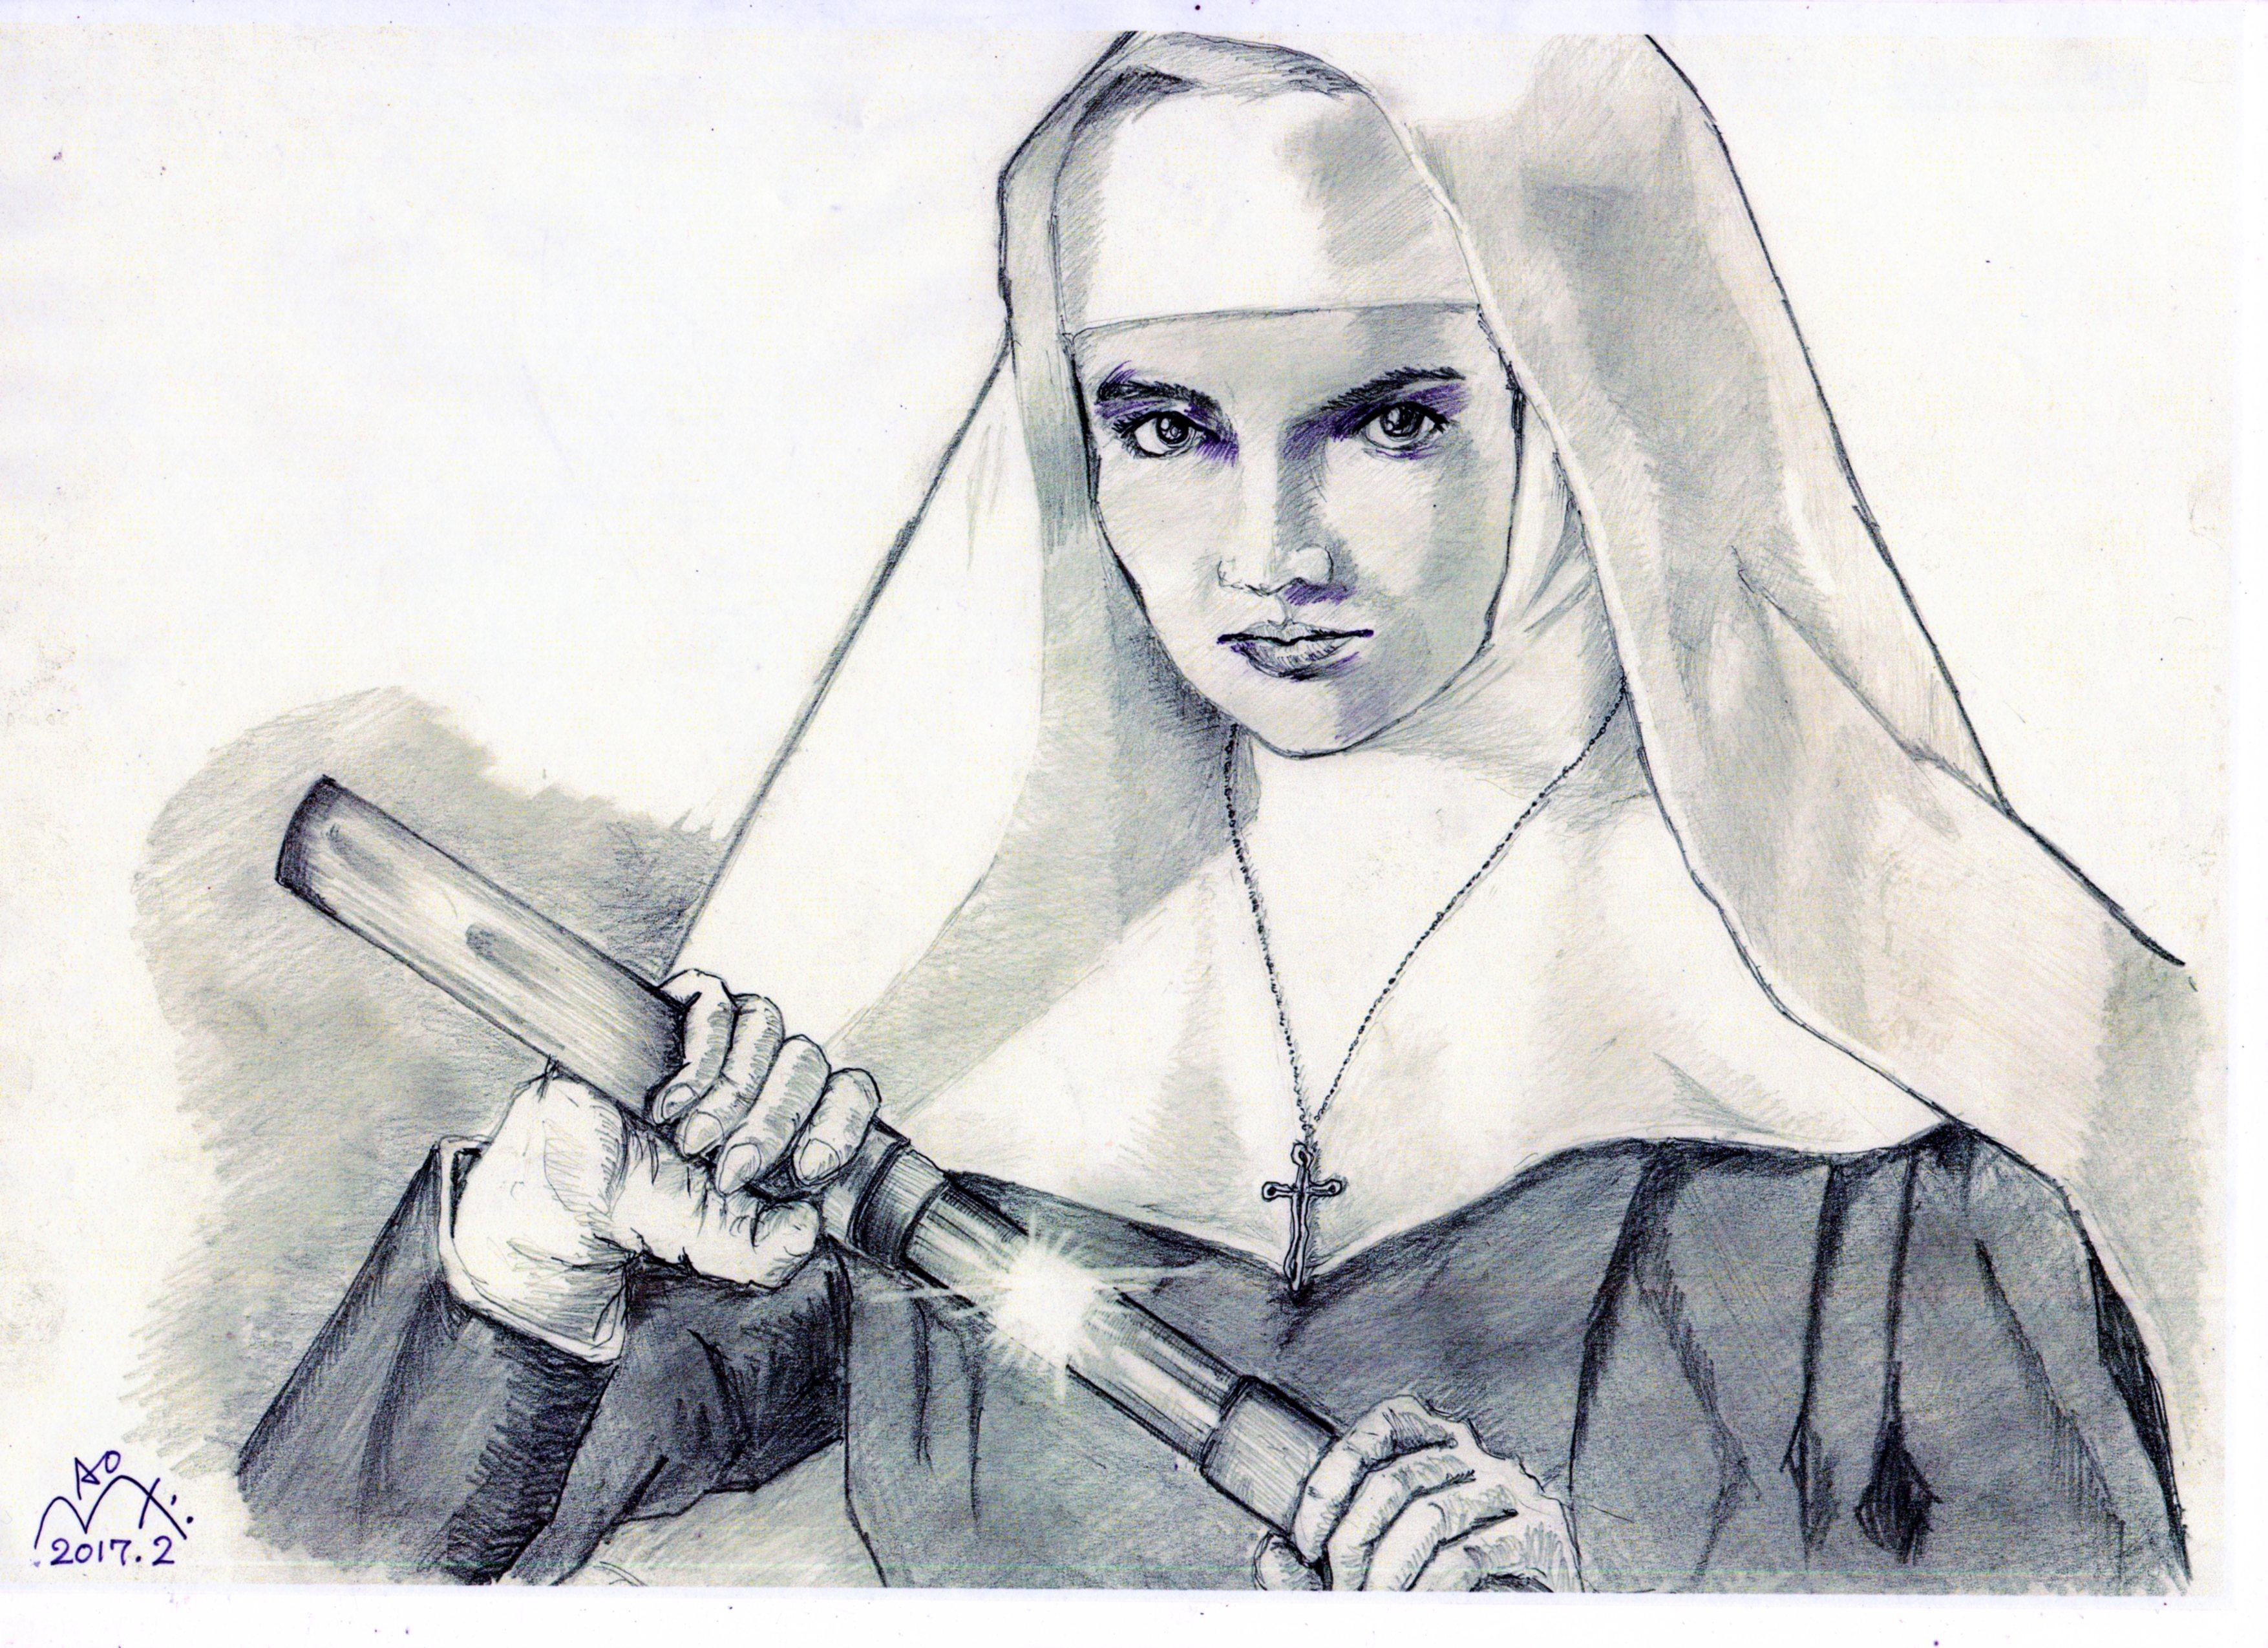 二代目はクリスチャン、志穂美 悦子の鉛筆画似顔絵